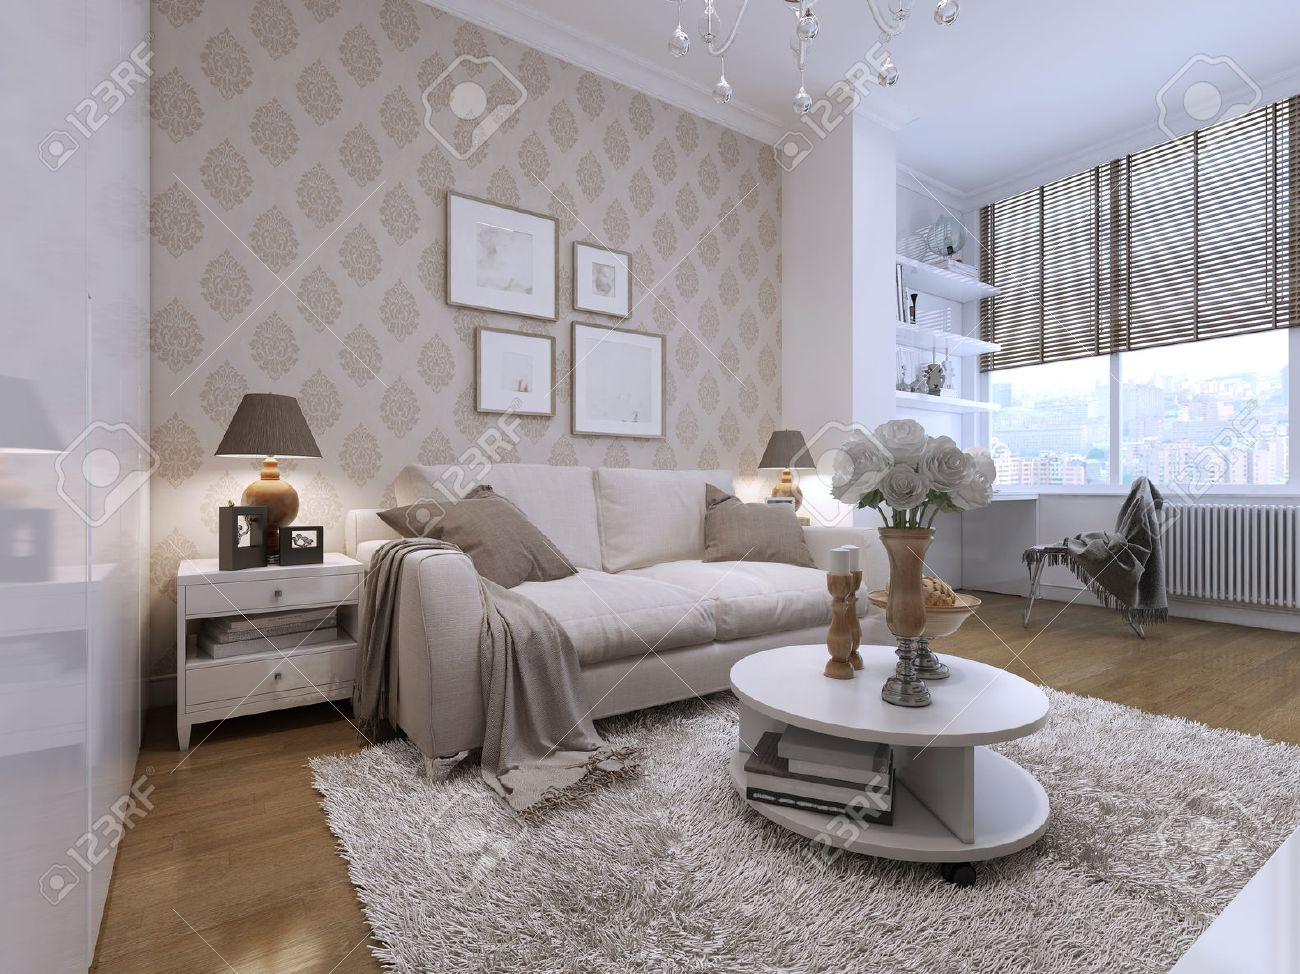 Habitación Con Unos Lindos Y Cómodos Sofás En El Estilo Art Deco ...